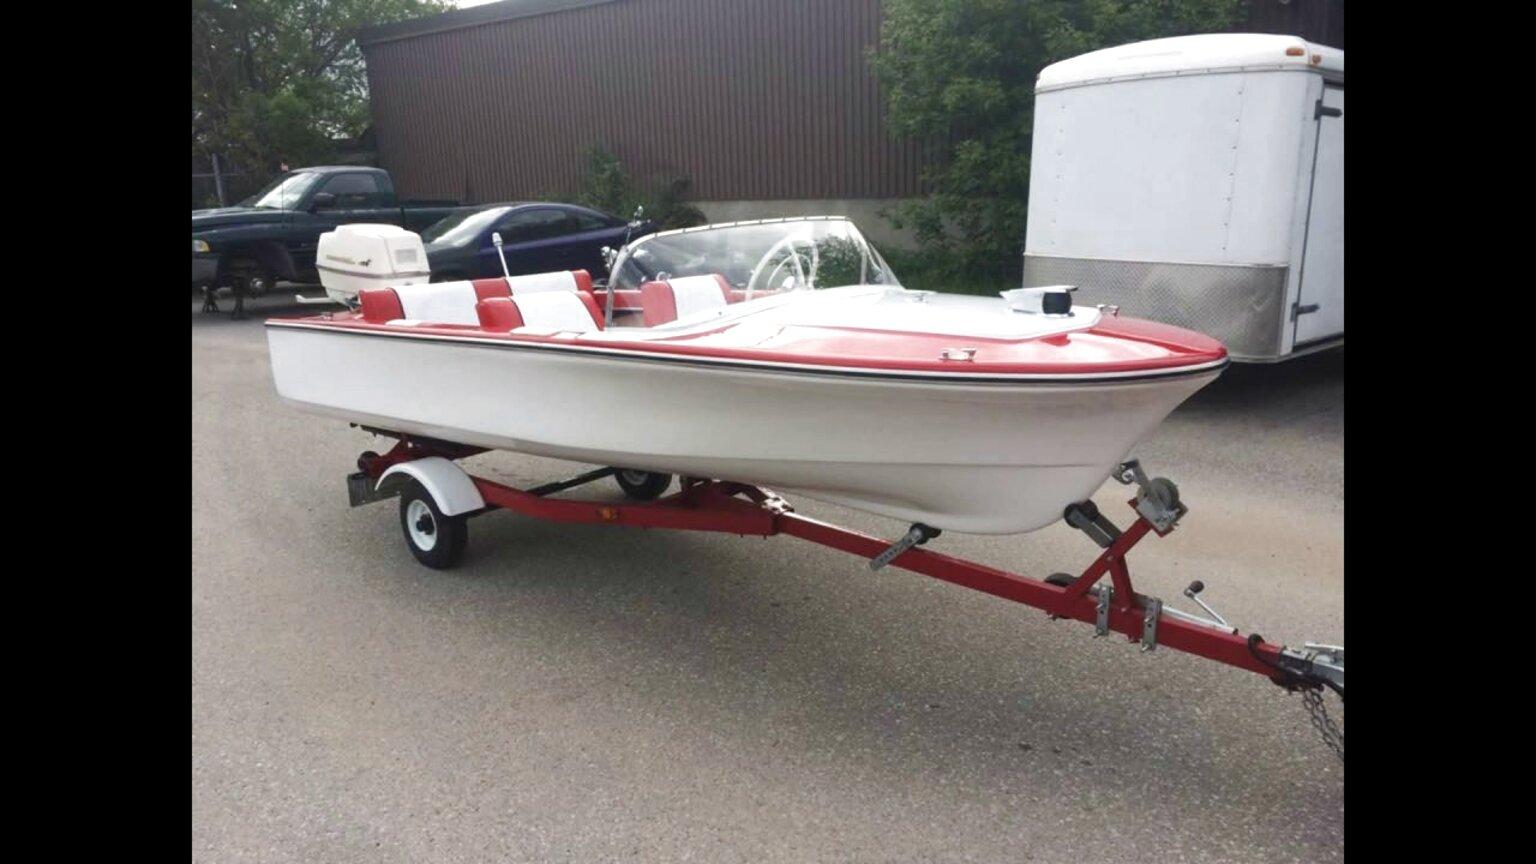 arkansas traveler boat for sale